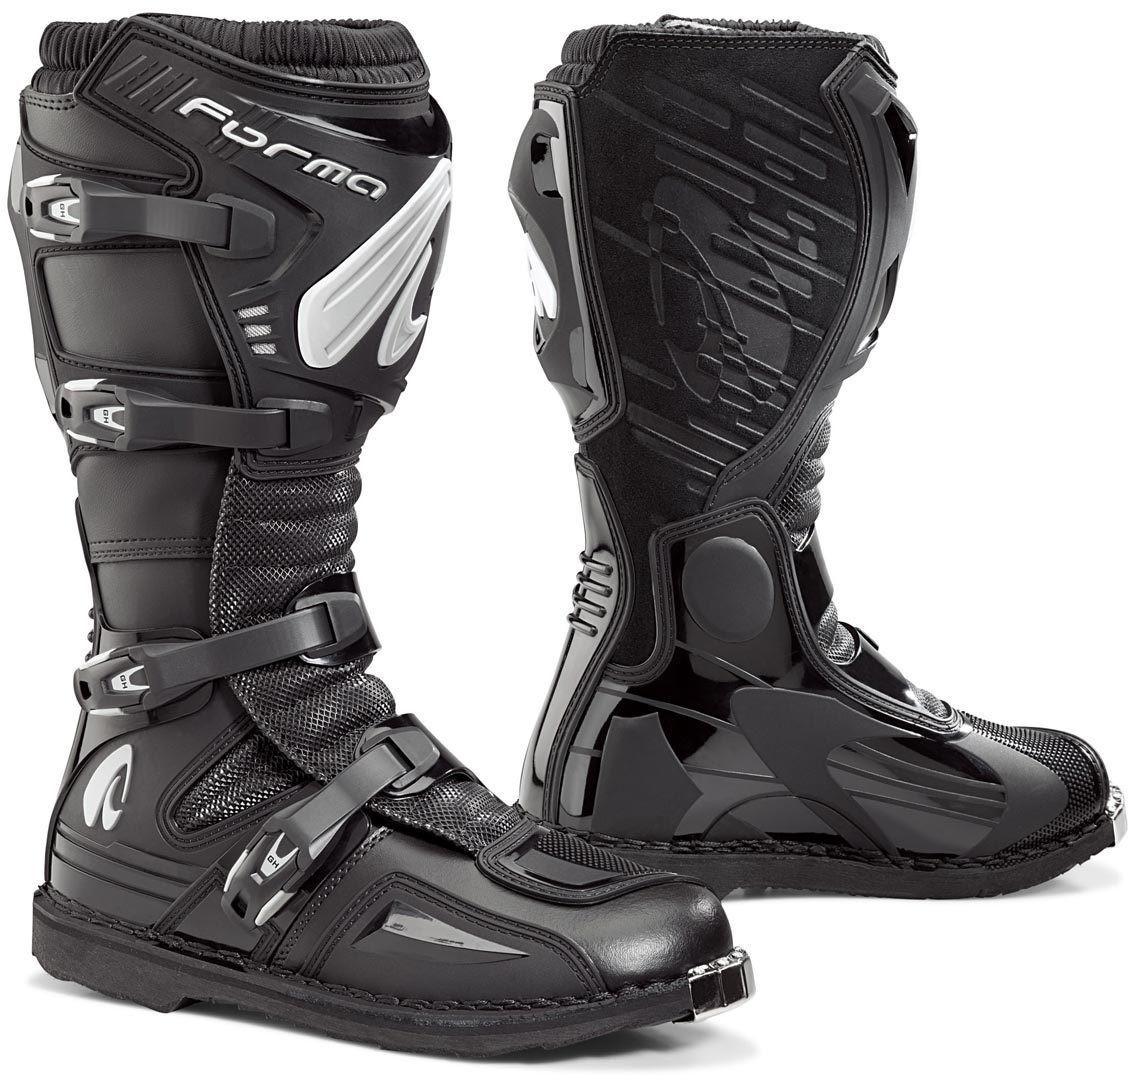 Мотоботинки Forma Terrain EVO кроссовые черные, 46